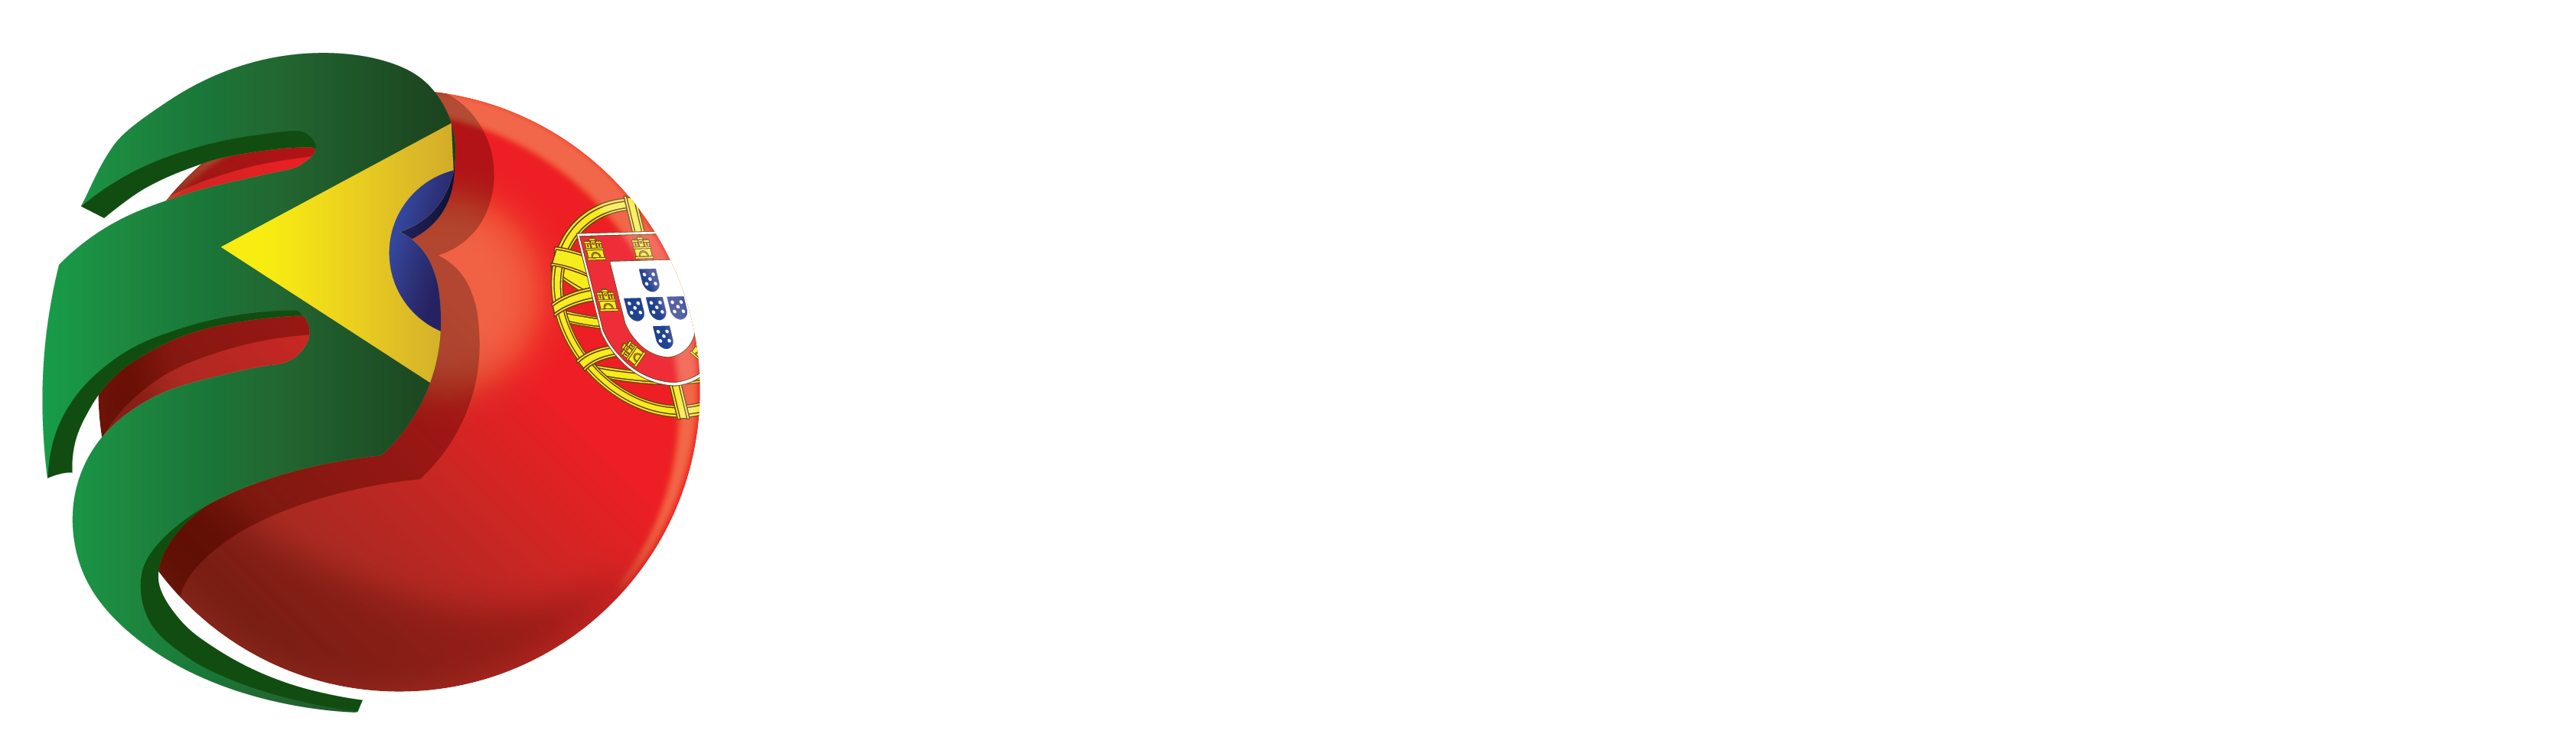 BRNEWS